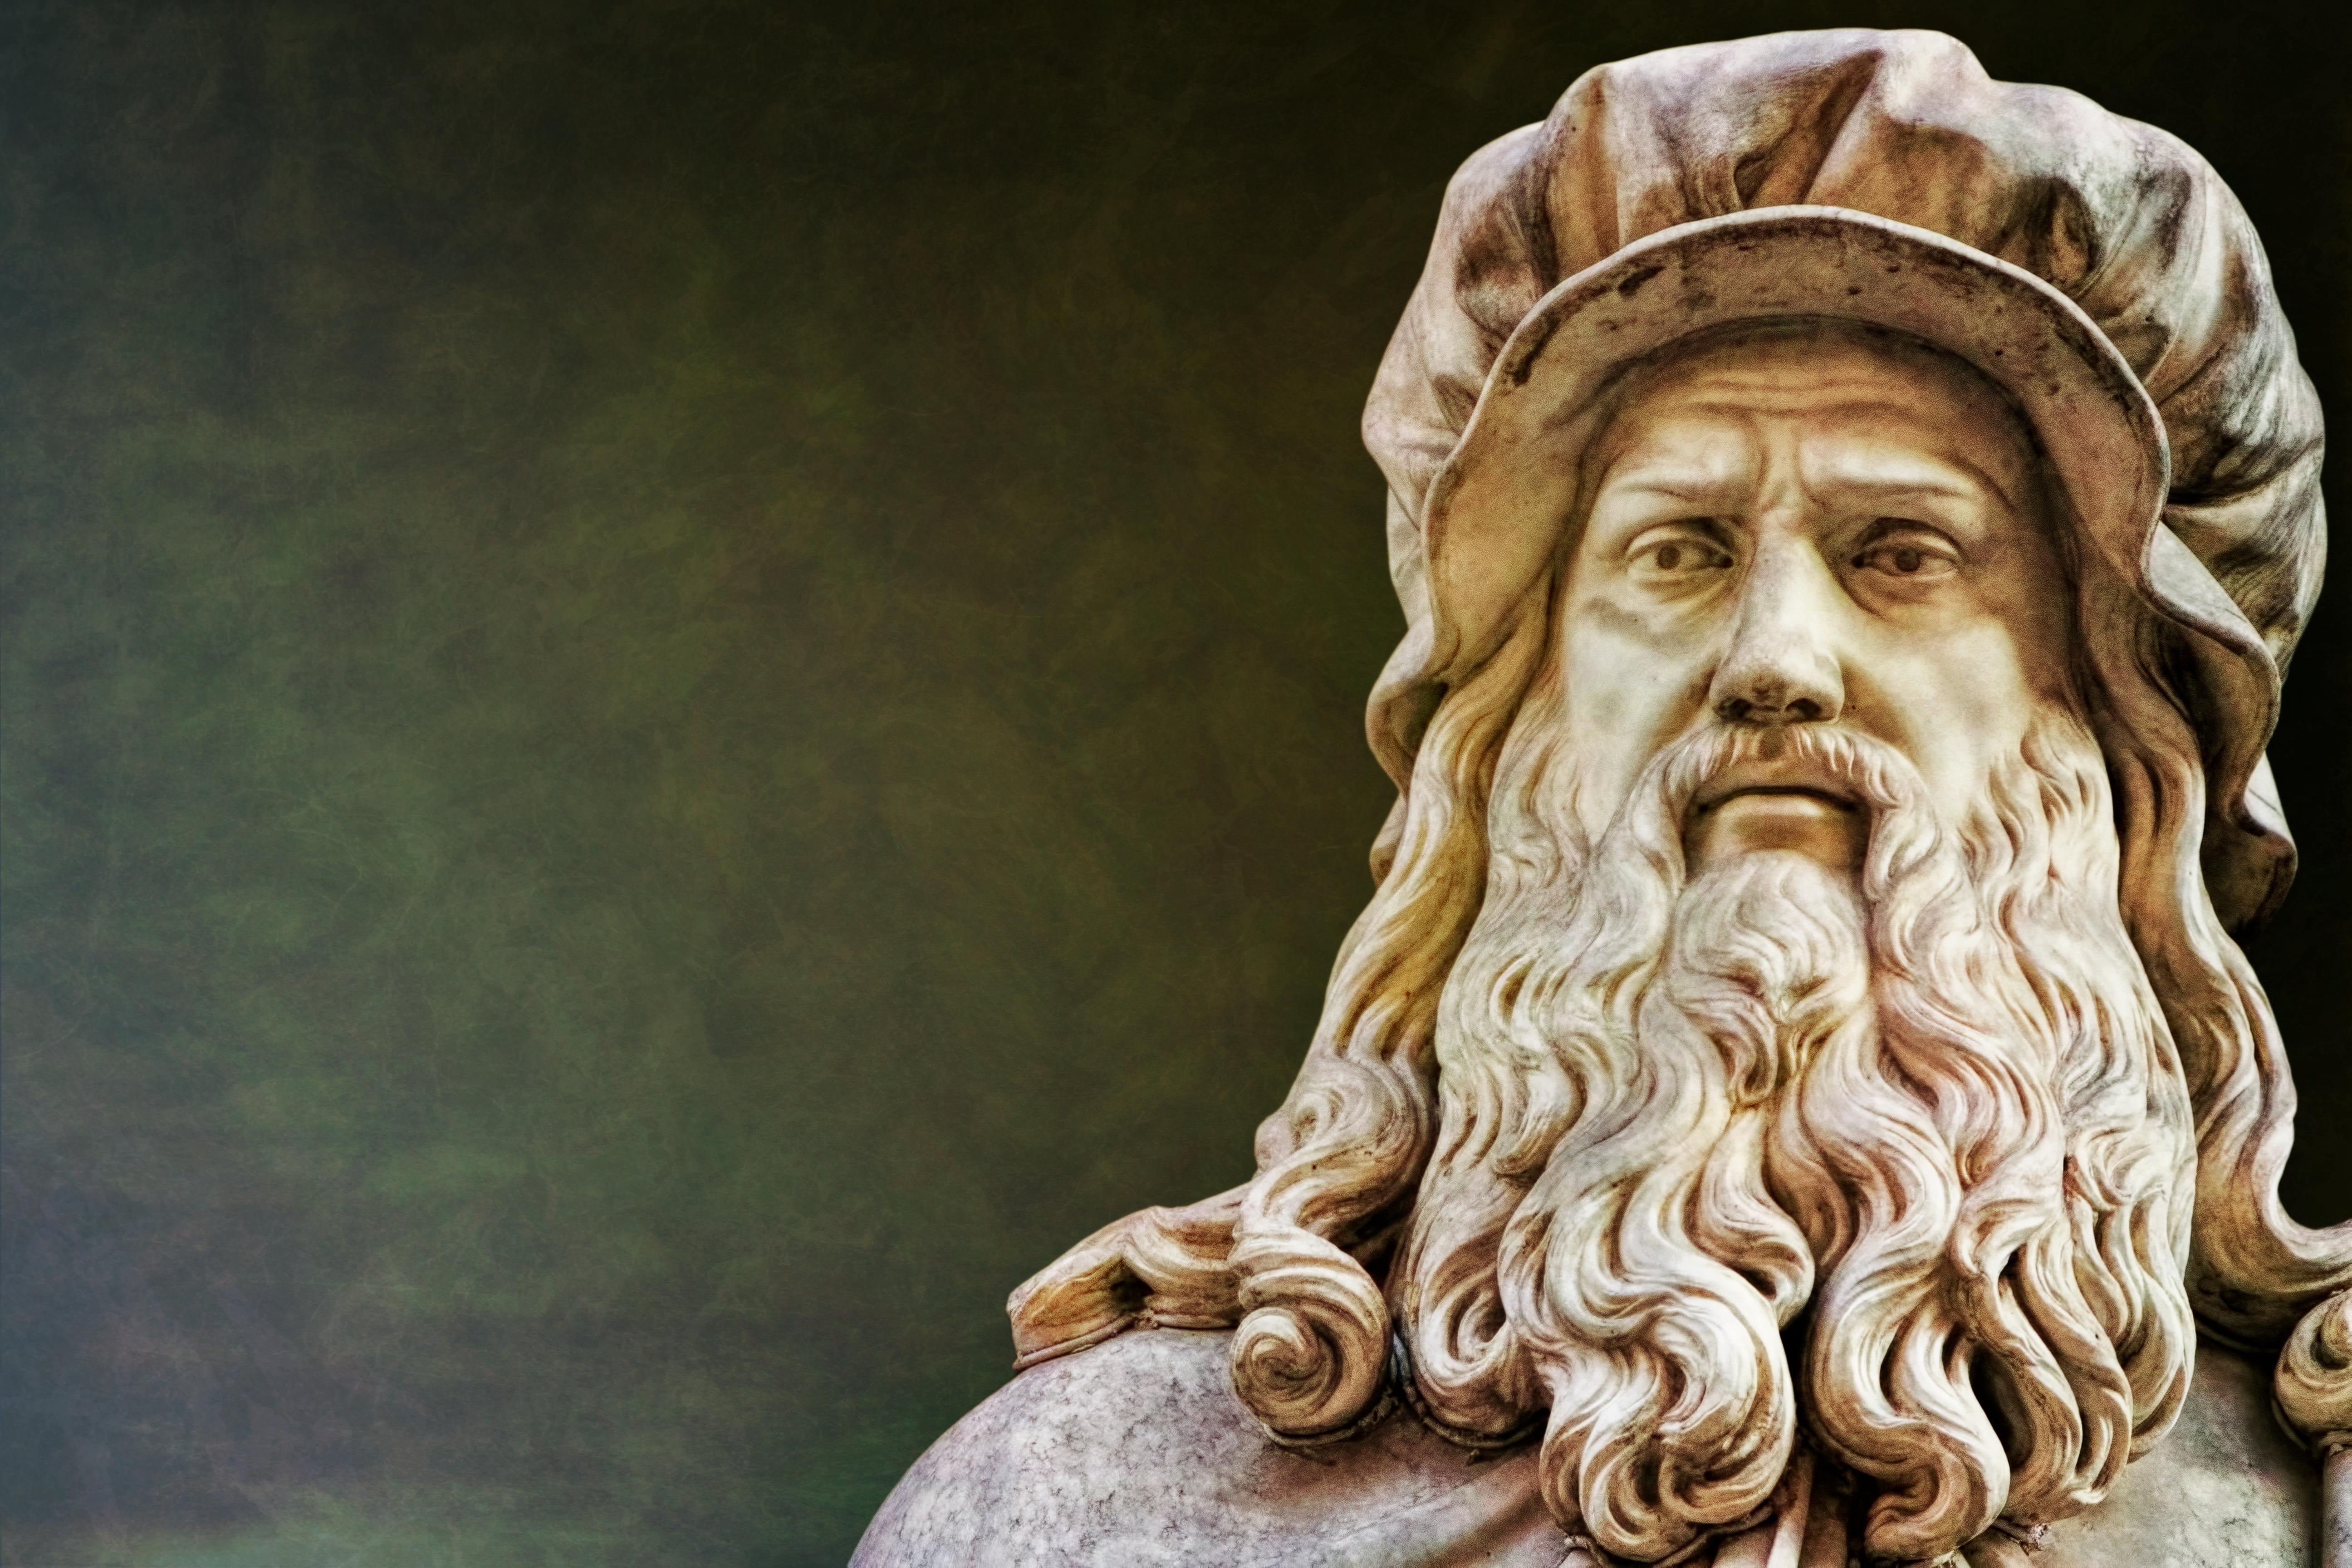 Studiu privind descendenții în viață ai lui Leonardo da Vinci. Ce s-a descoperit